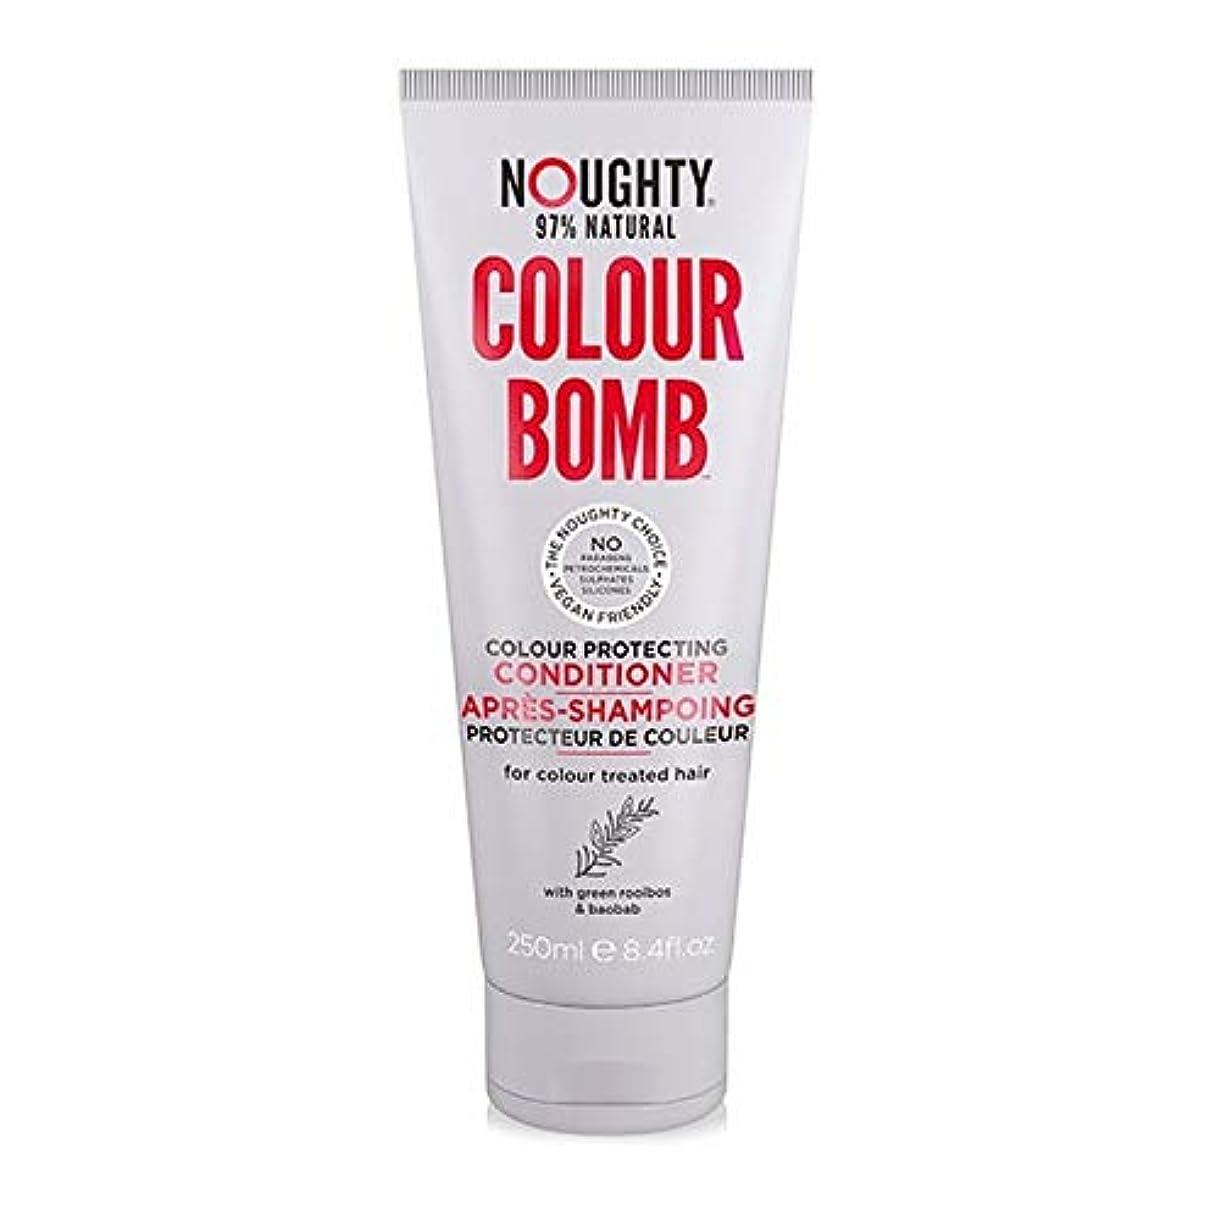 オンス夜の動物園人気の[Noughty] コンディショナー250Mlを保護Noughtyカラー爆弾の色 - Noughty Colour Bomb Colour Protecting Conditioner 250ml [並行輸入品]